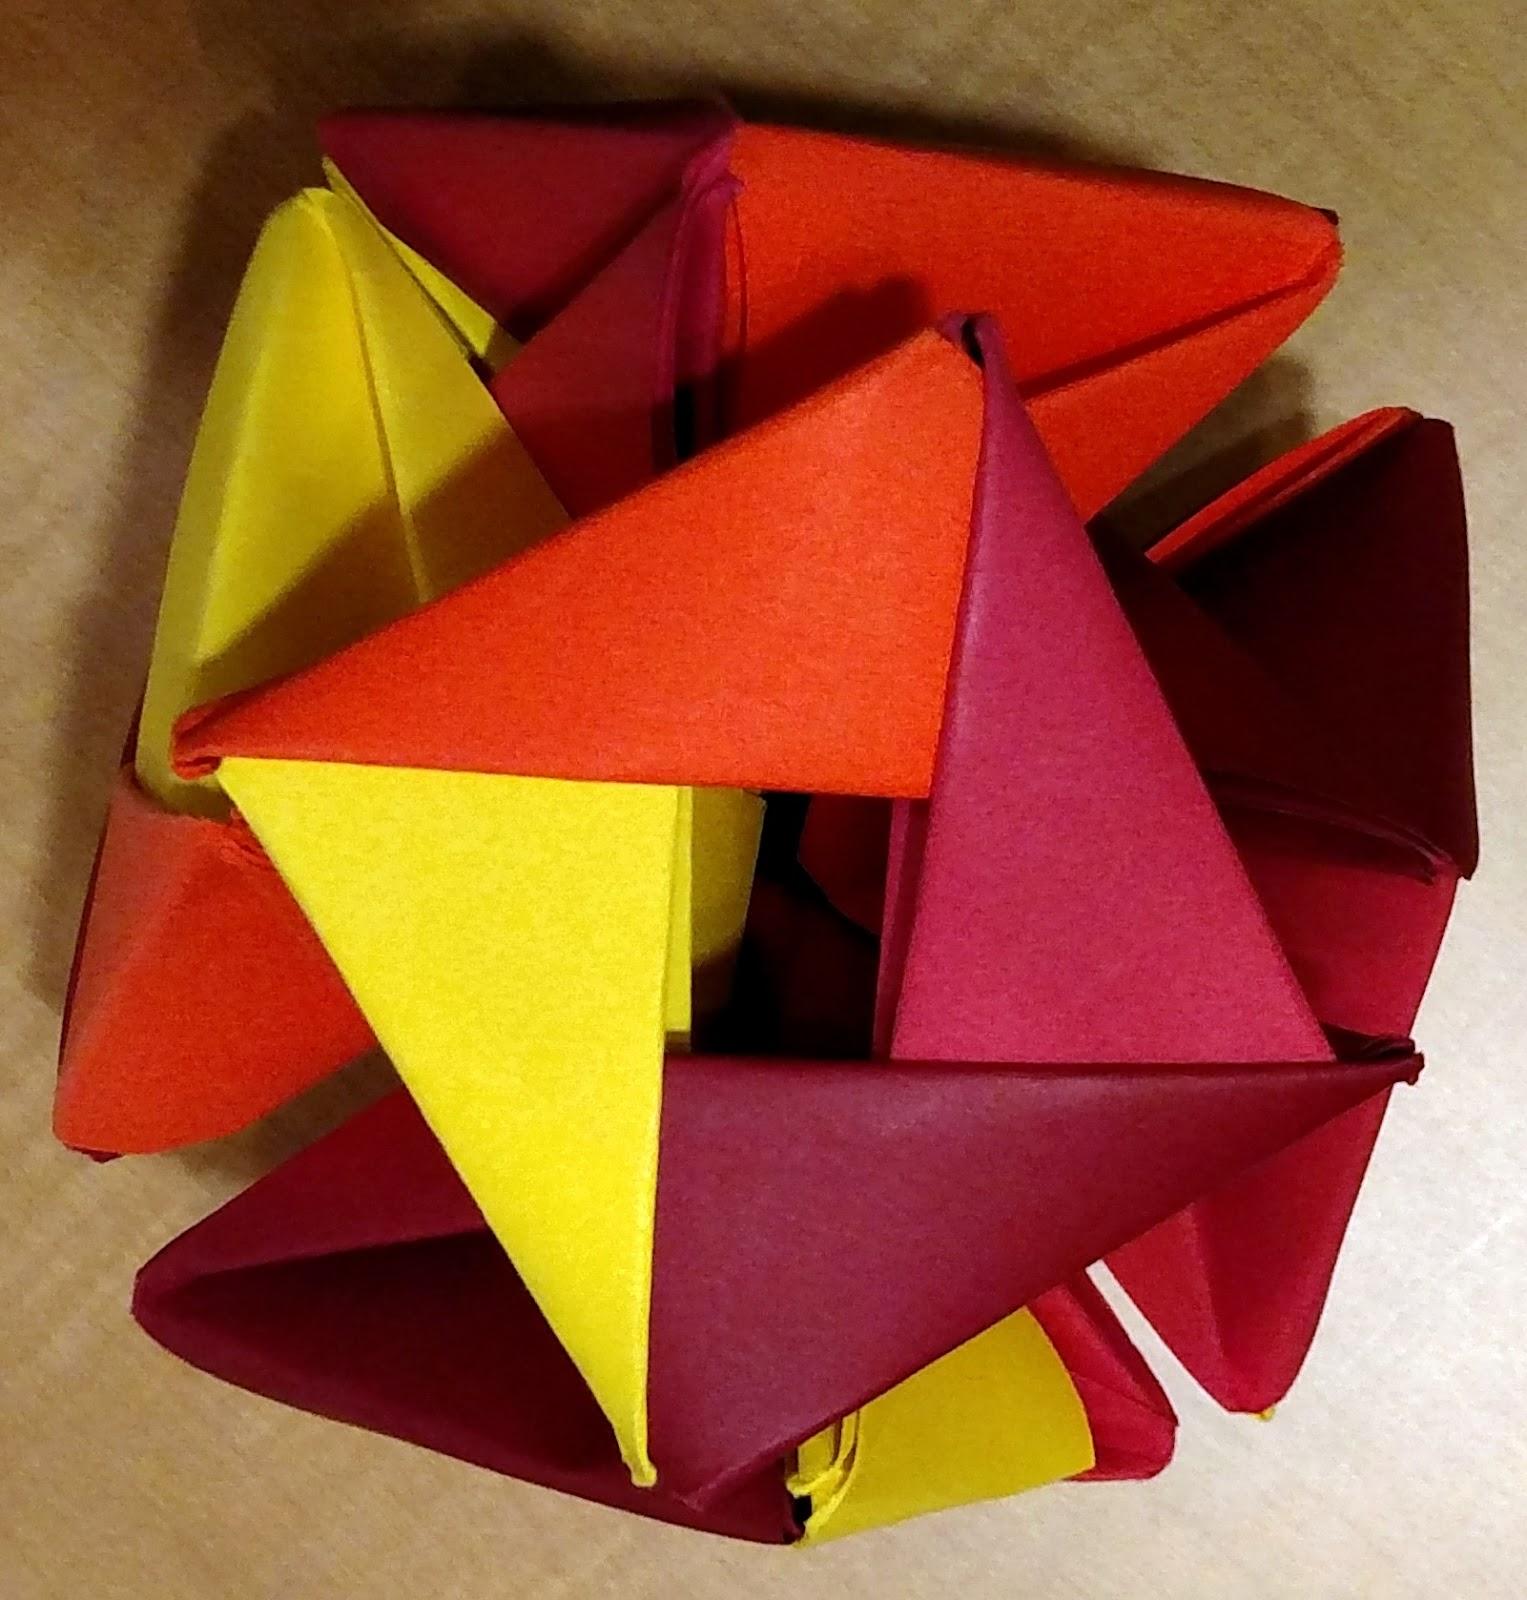 Math Crafts: Make an Origami Ball | Woo! Jr. Kids Activities | 1600x1527